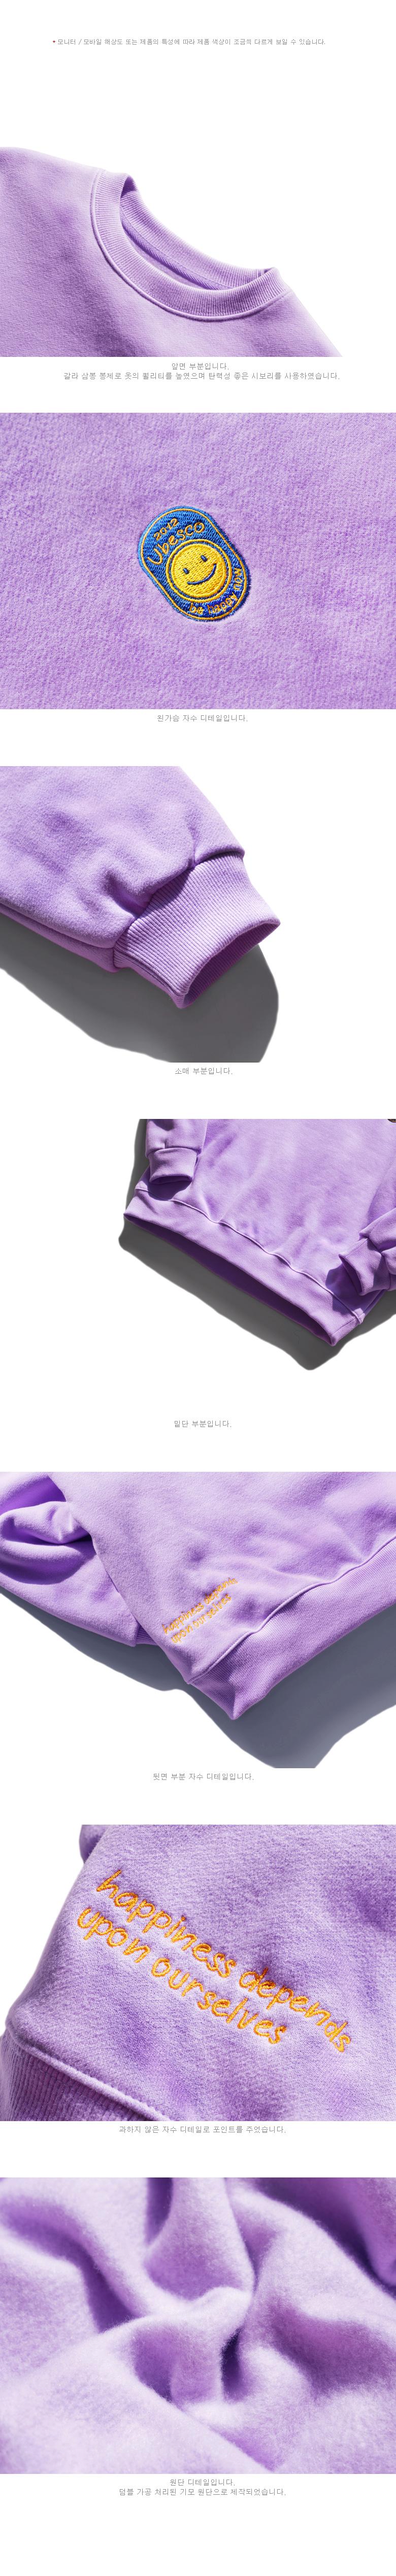 8072_detail_lavender_bj_02.jpg